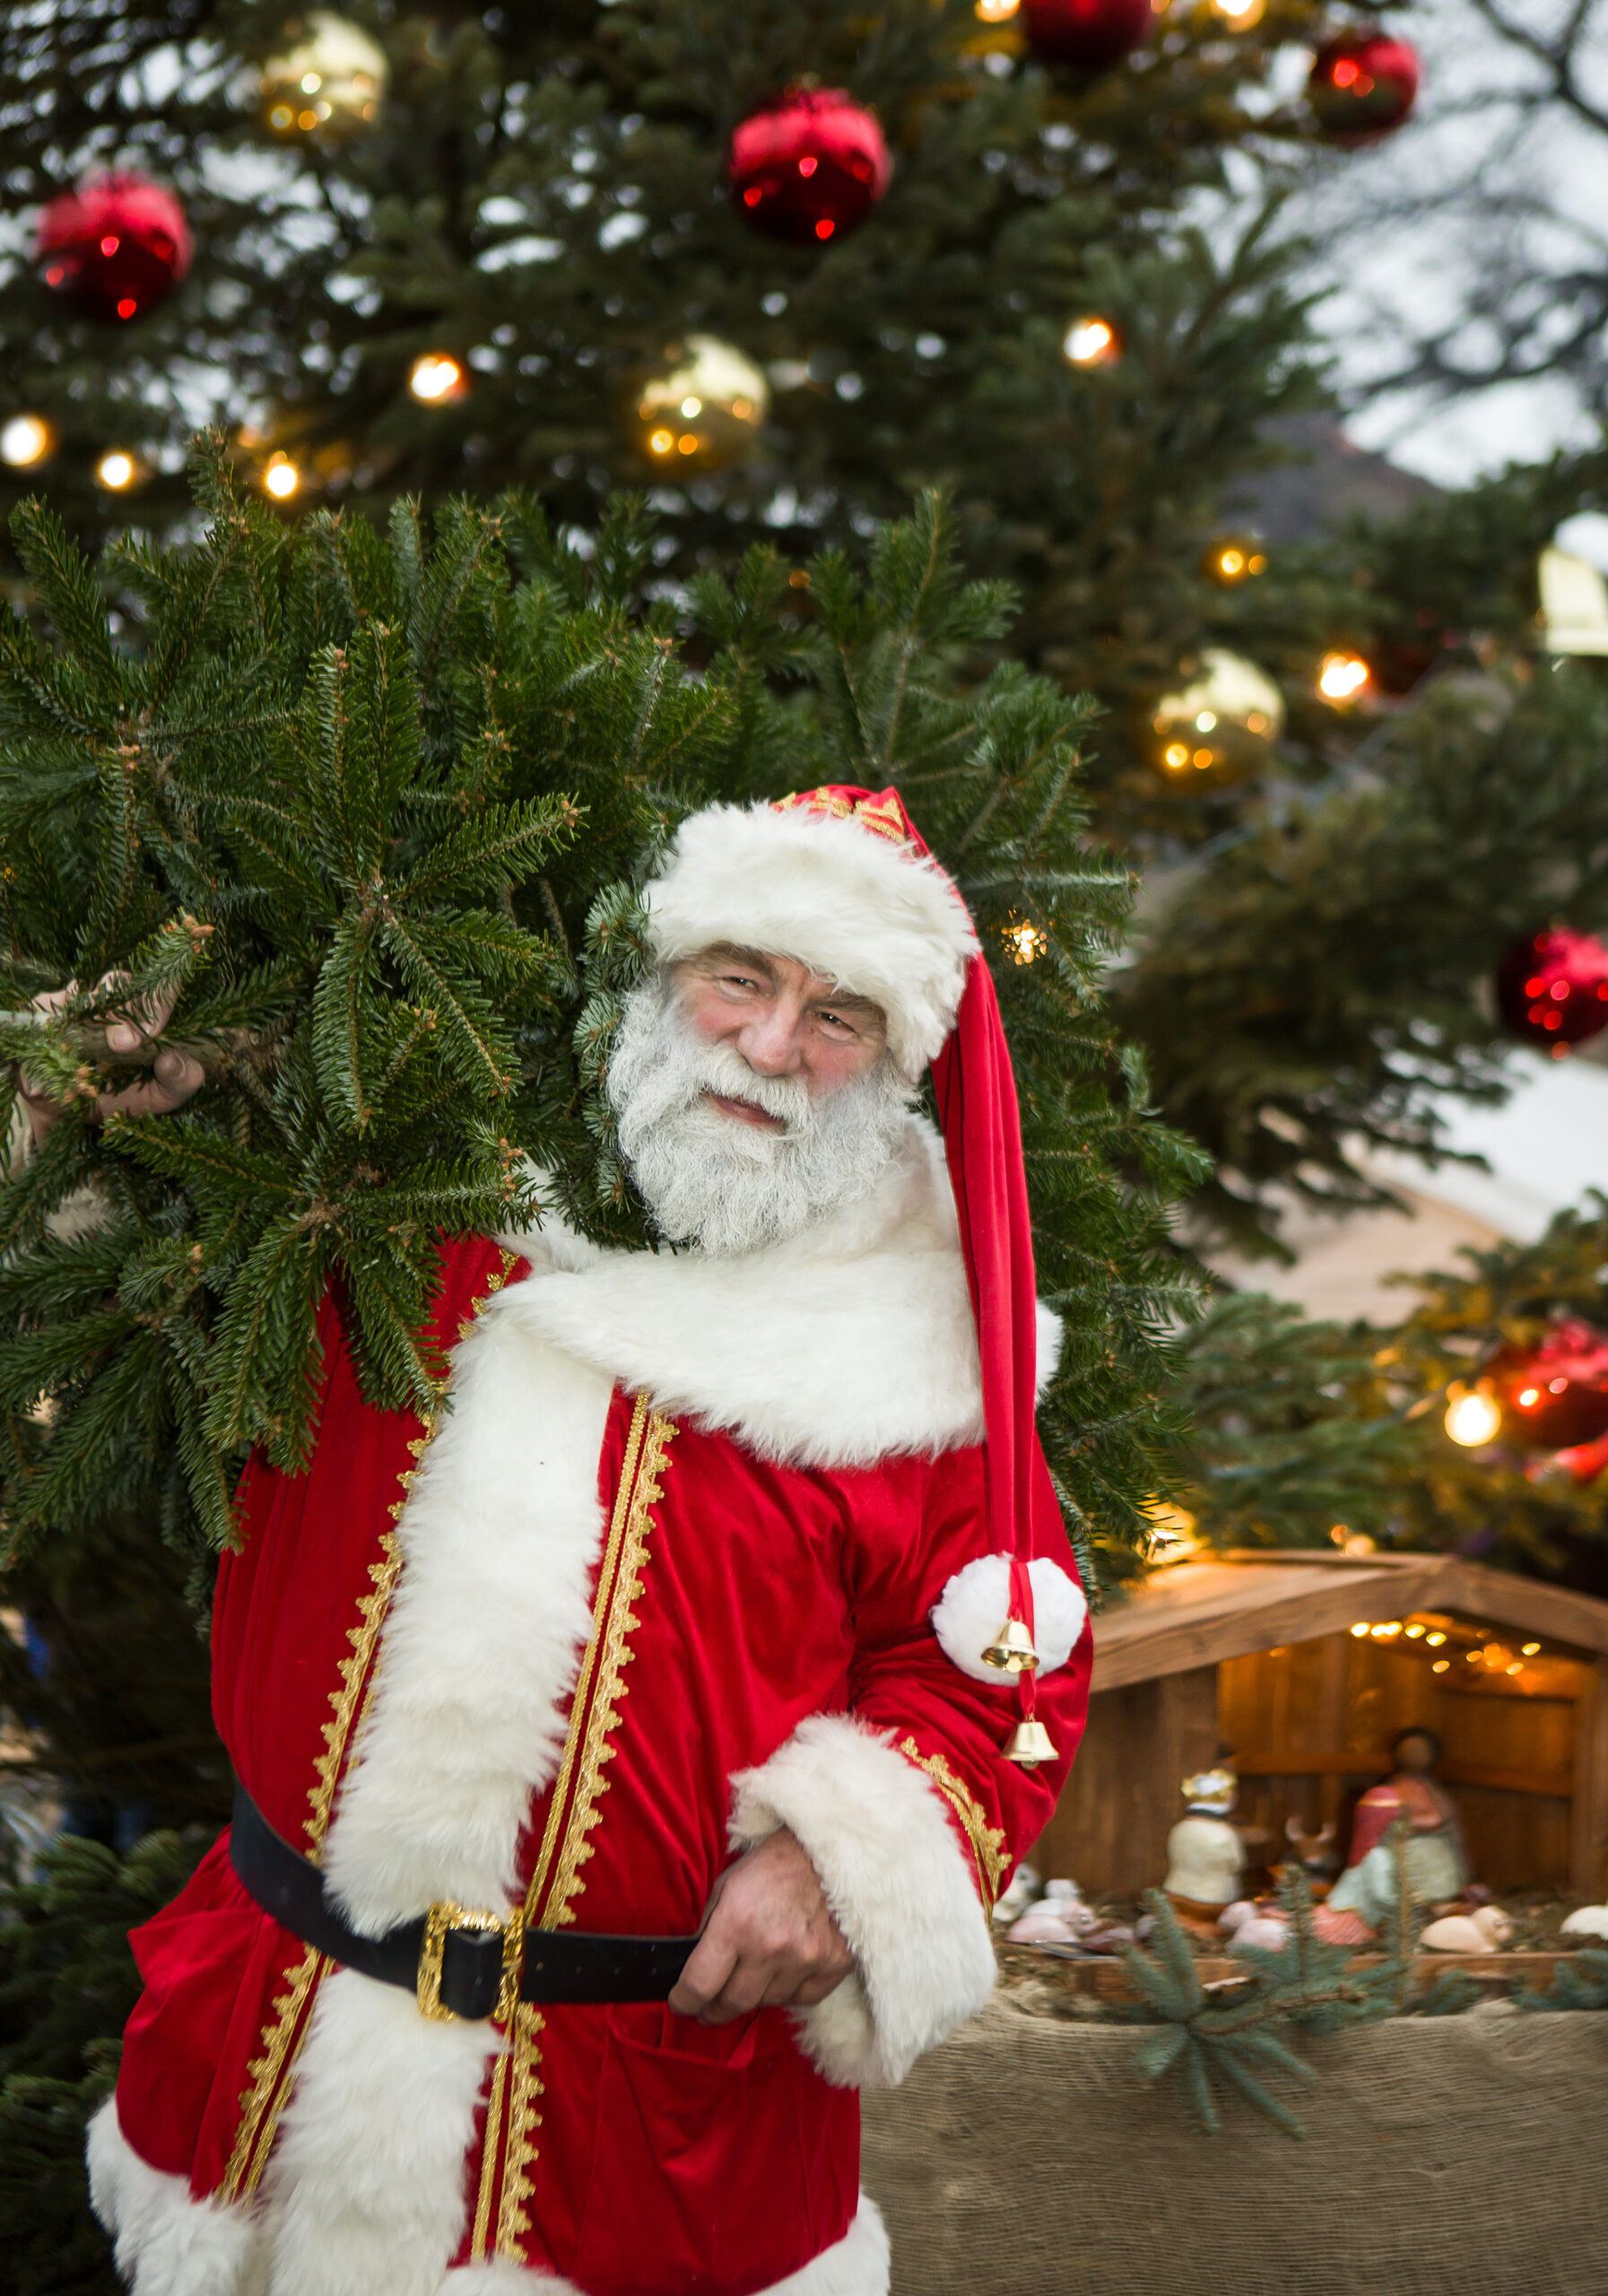 Weihnachtsmann mit Weihnachtsbaum vor einer Weihnachtskrippe